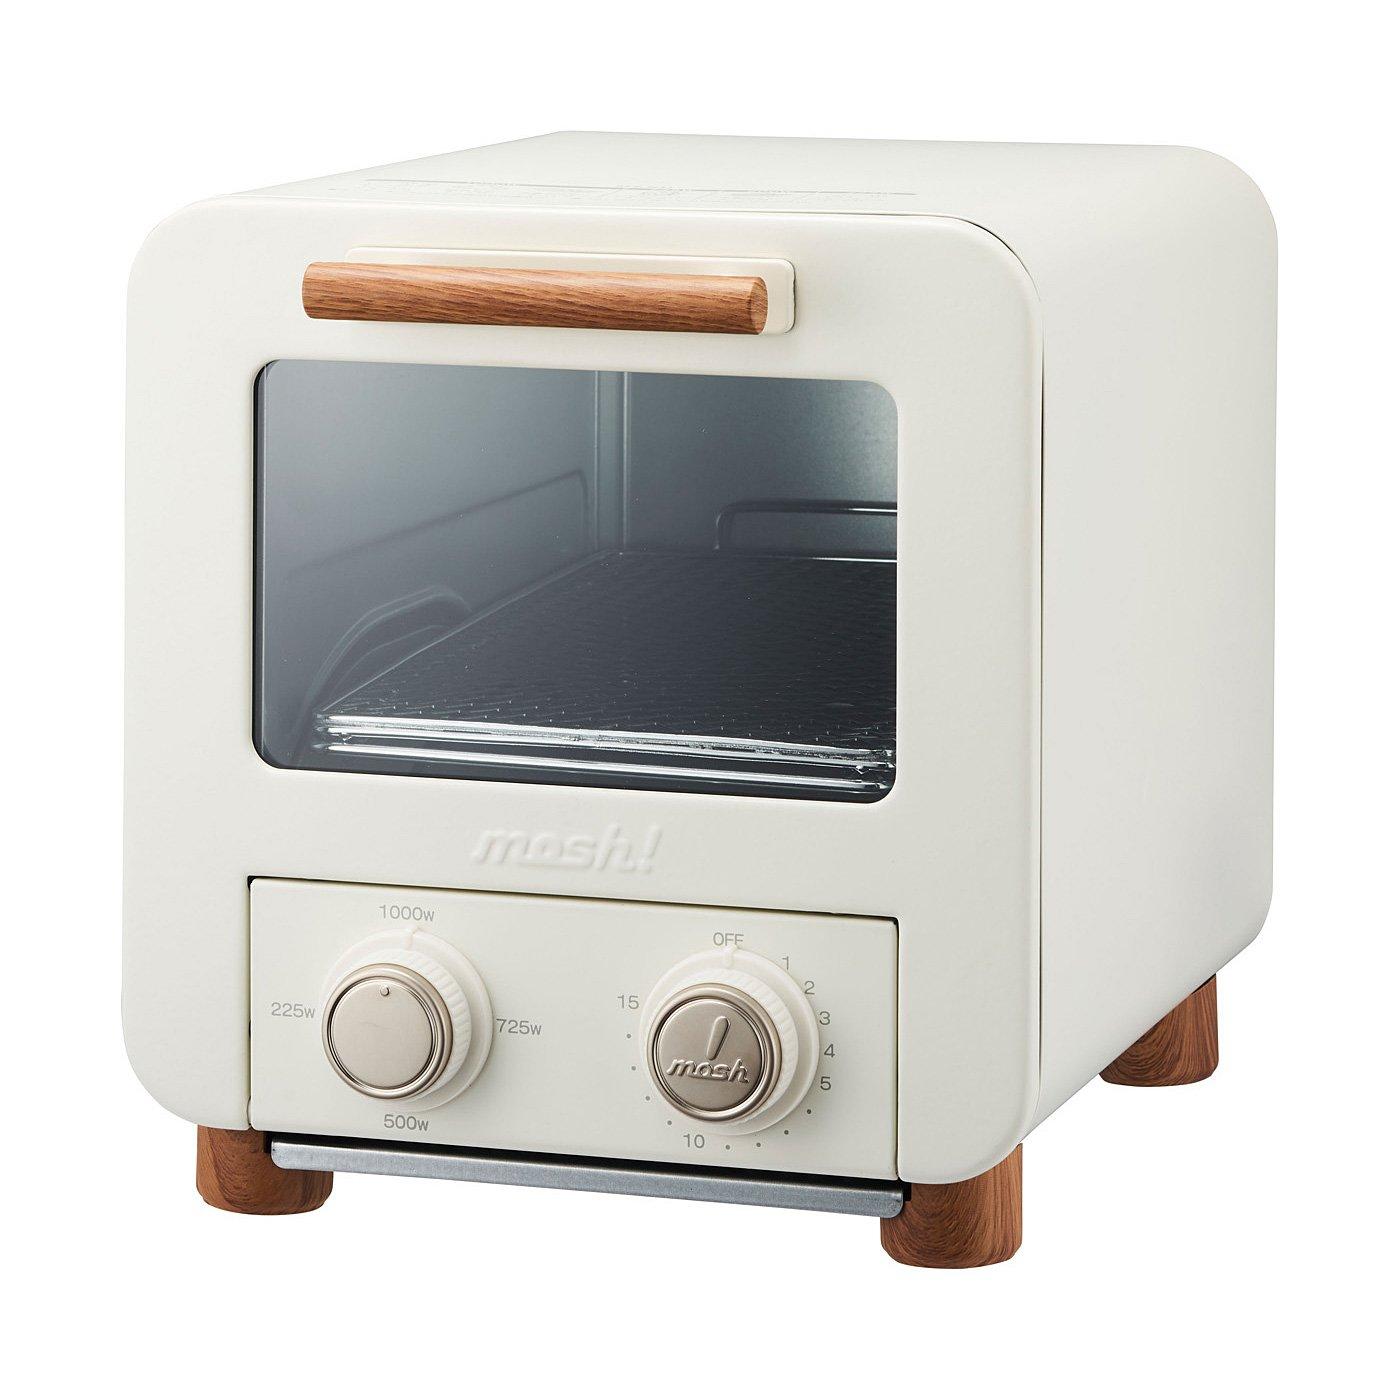 キュートなルックスでパワフル A4サイズほどに置けるコンパクトトースター〈アイボリー〉